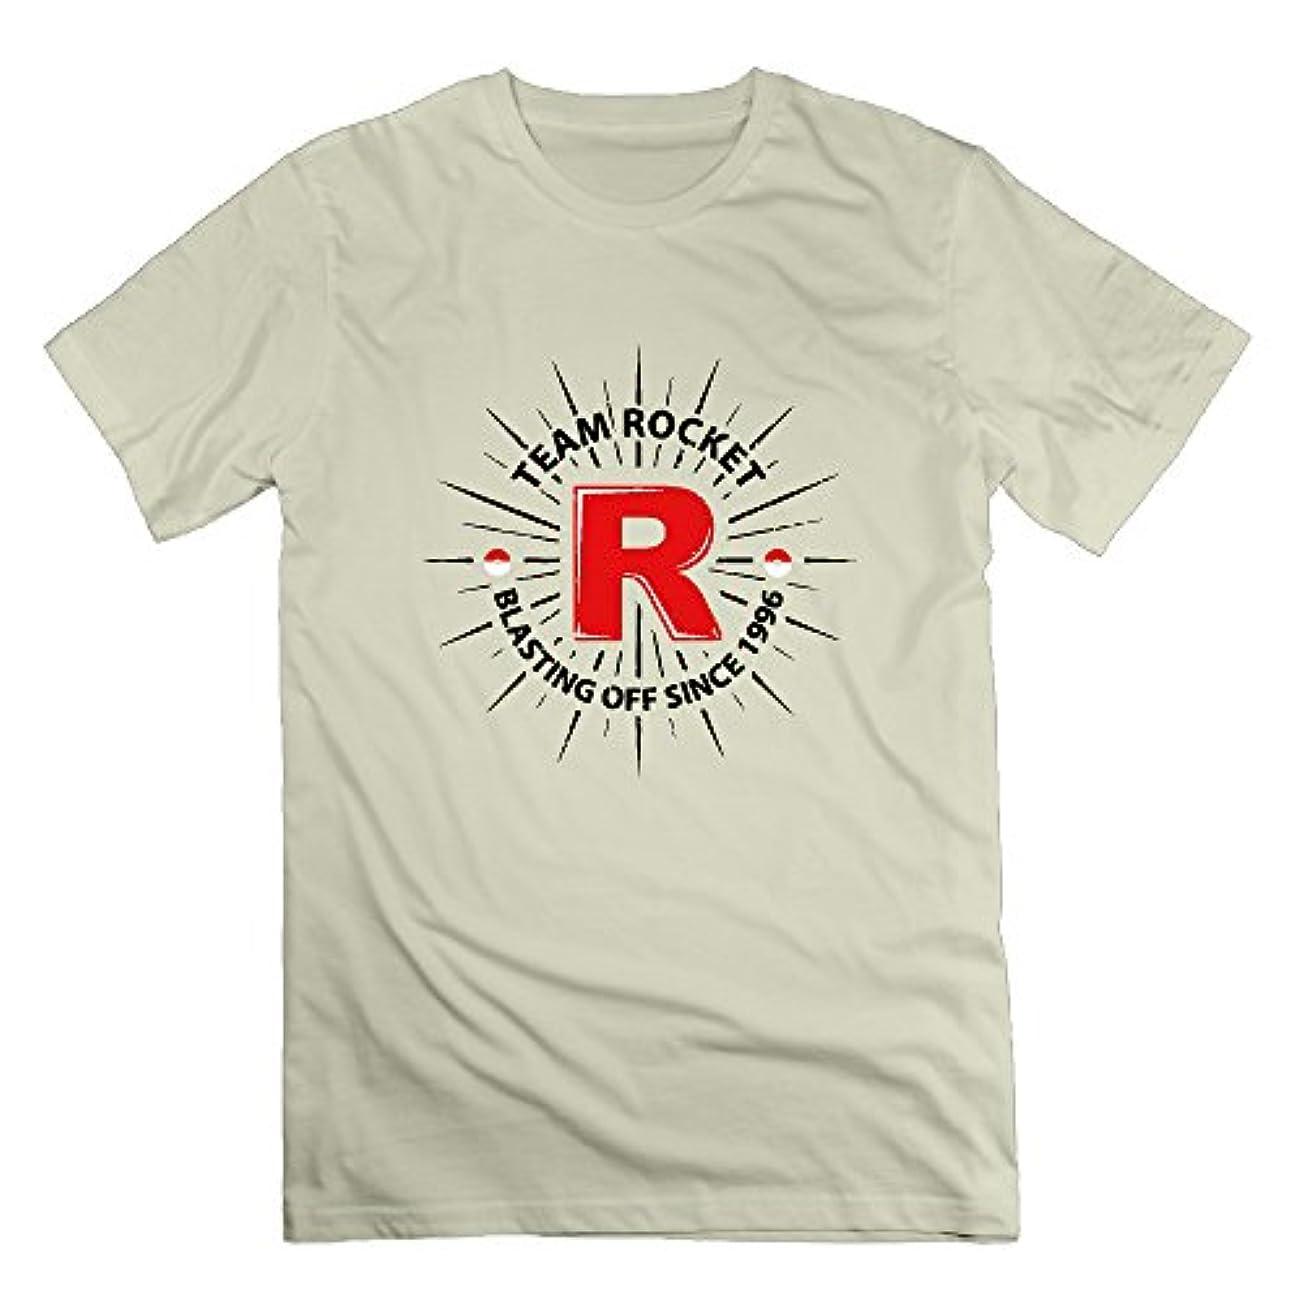 一般意味のある擬人化Wolf Blood メンズ 半袖Tシャツ カッコいいデザイン R ロケット 光 キラキラ スター 人気 グッズ B系 オリジナル TEE カラー豊富